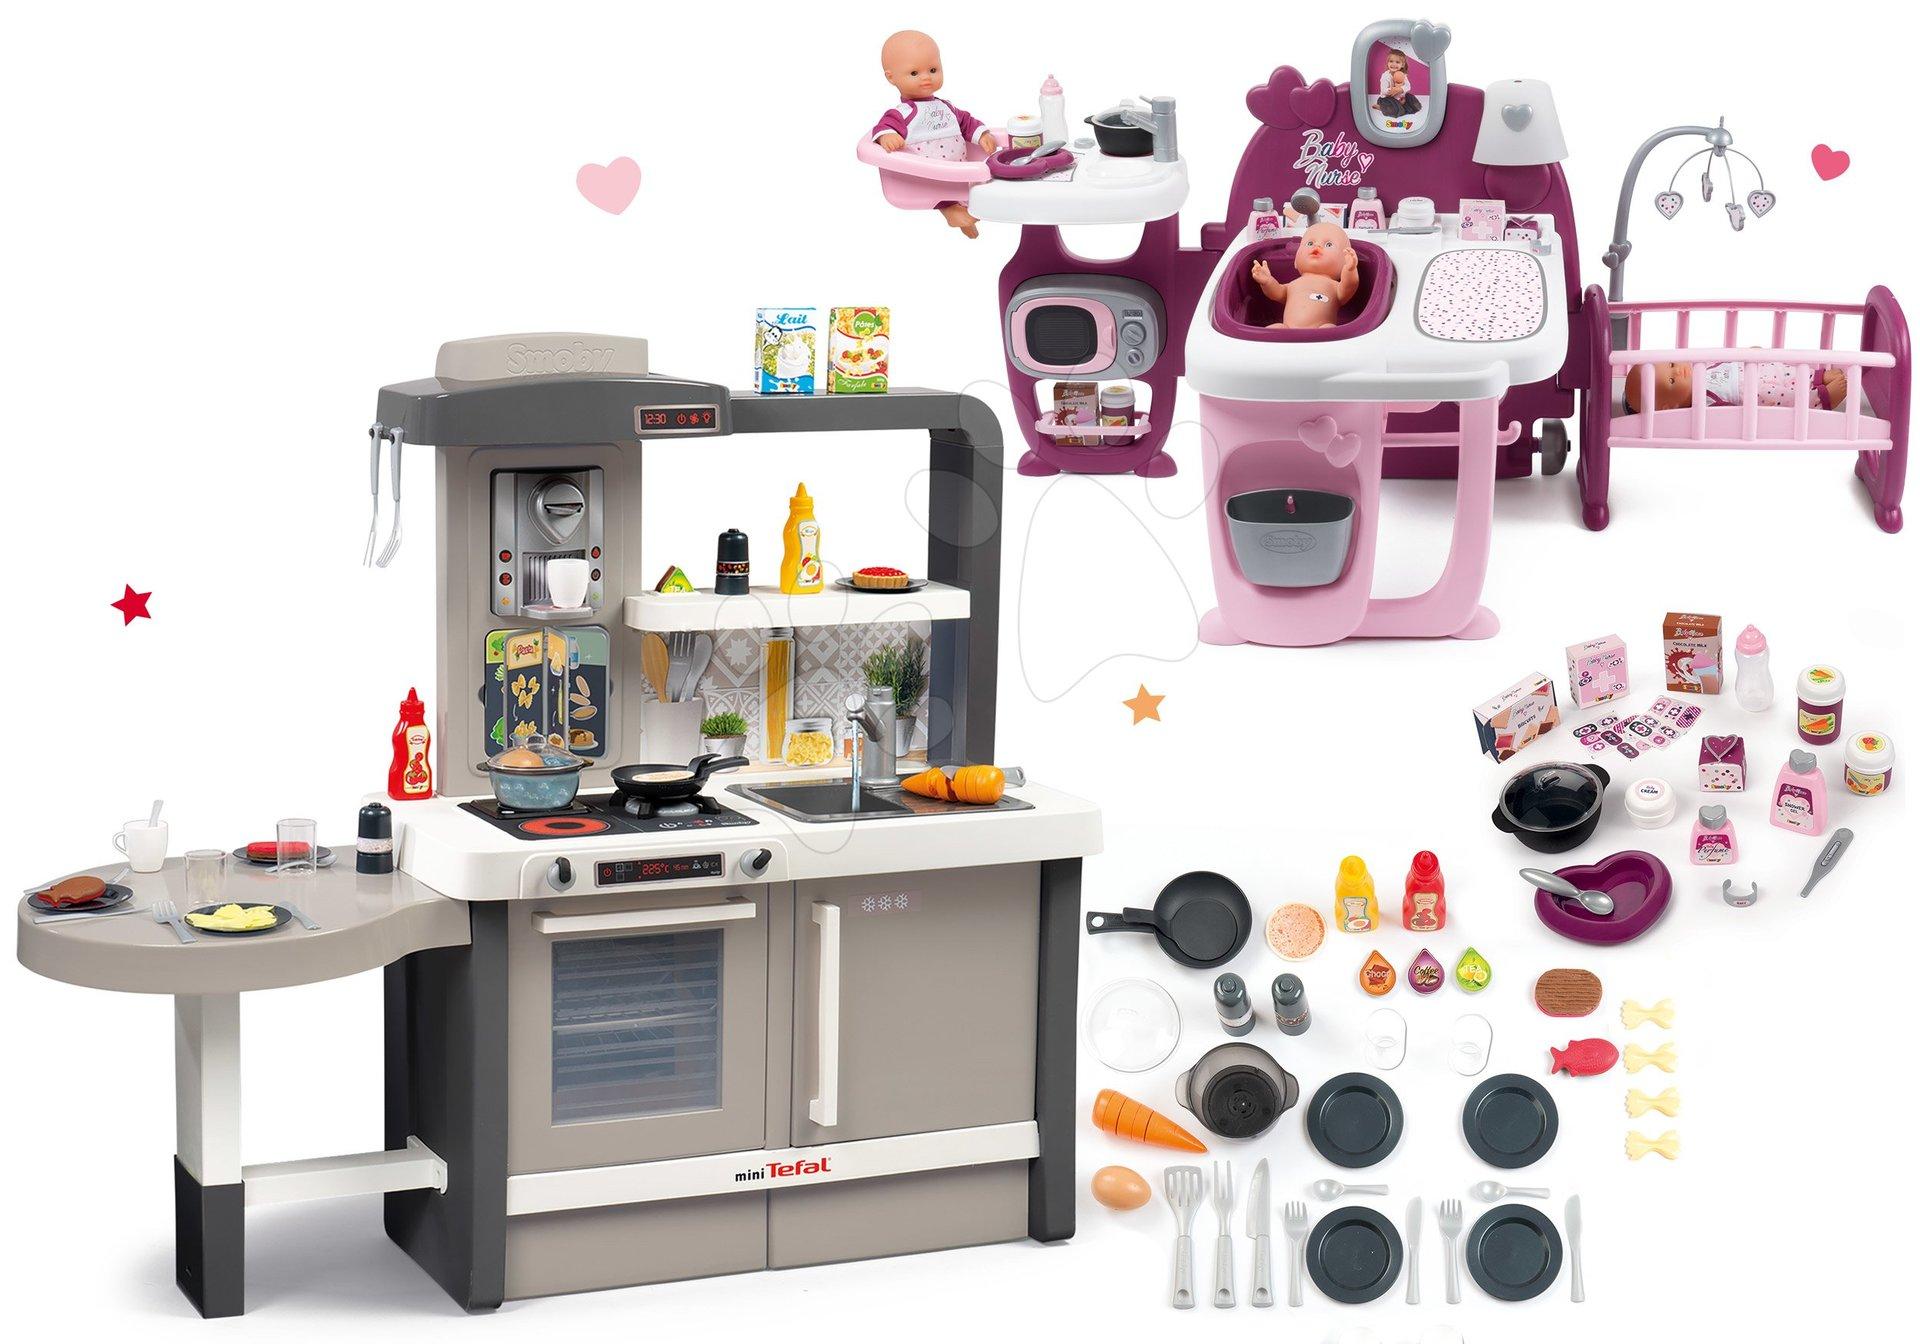 Set kuchynka rastúca s tečúcou vodou Tefal Evolutive Smoby a domček pre bábiku Violette Baby Nurse Large Doll's Play Center